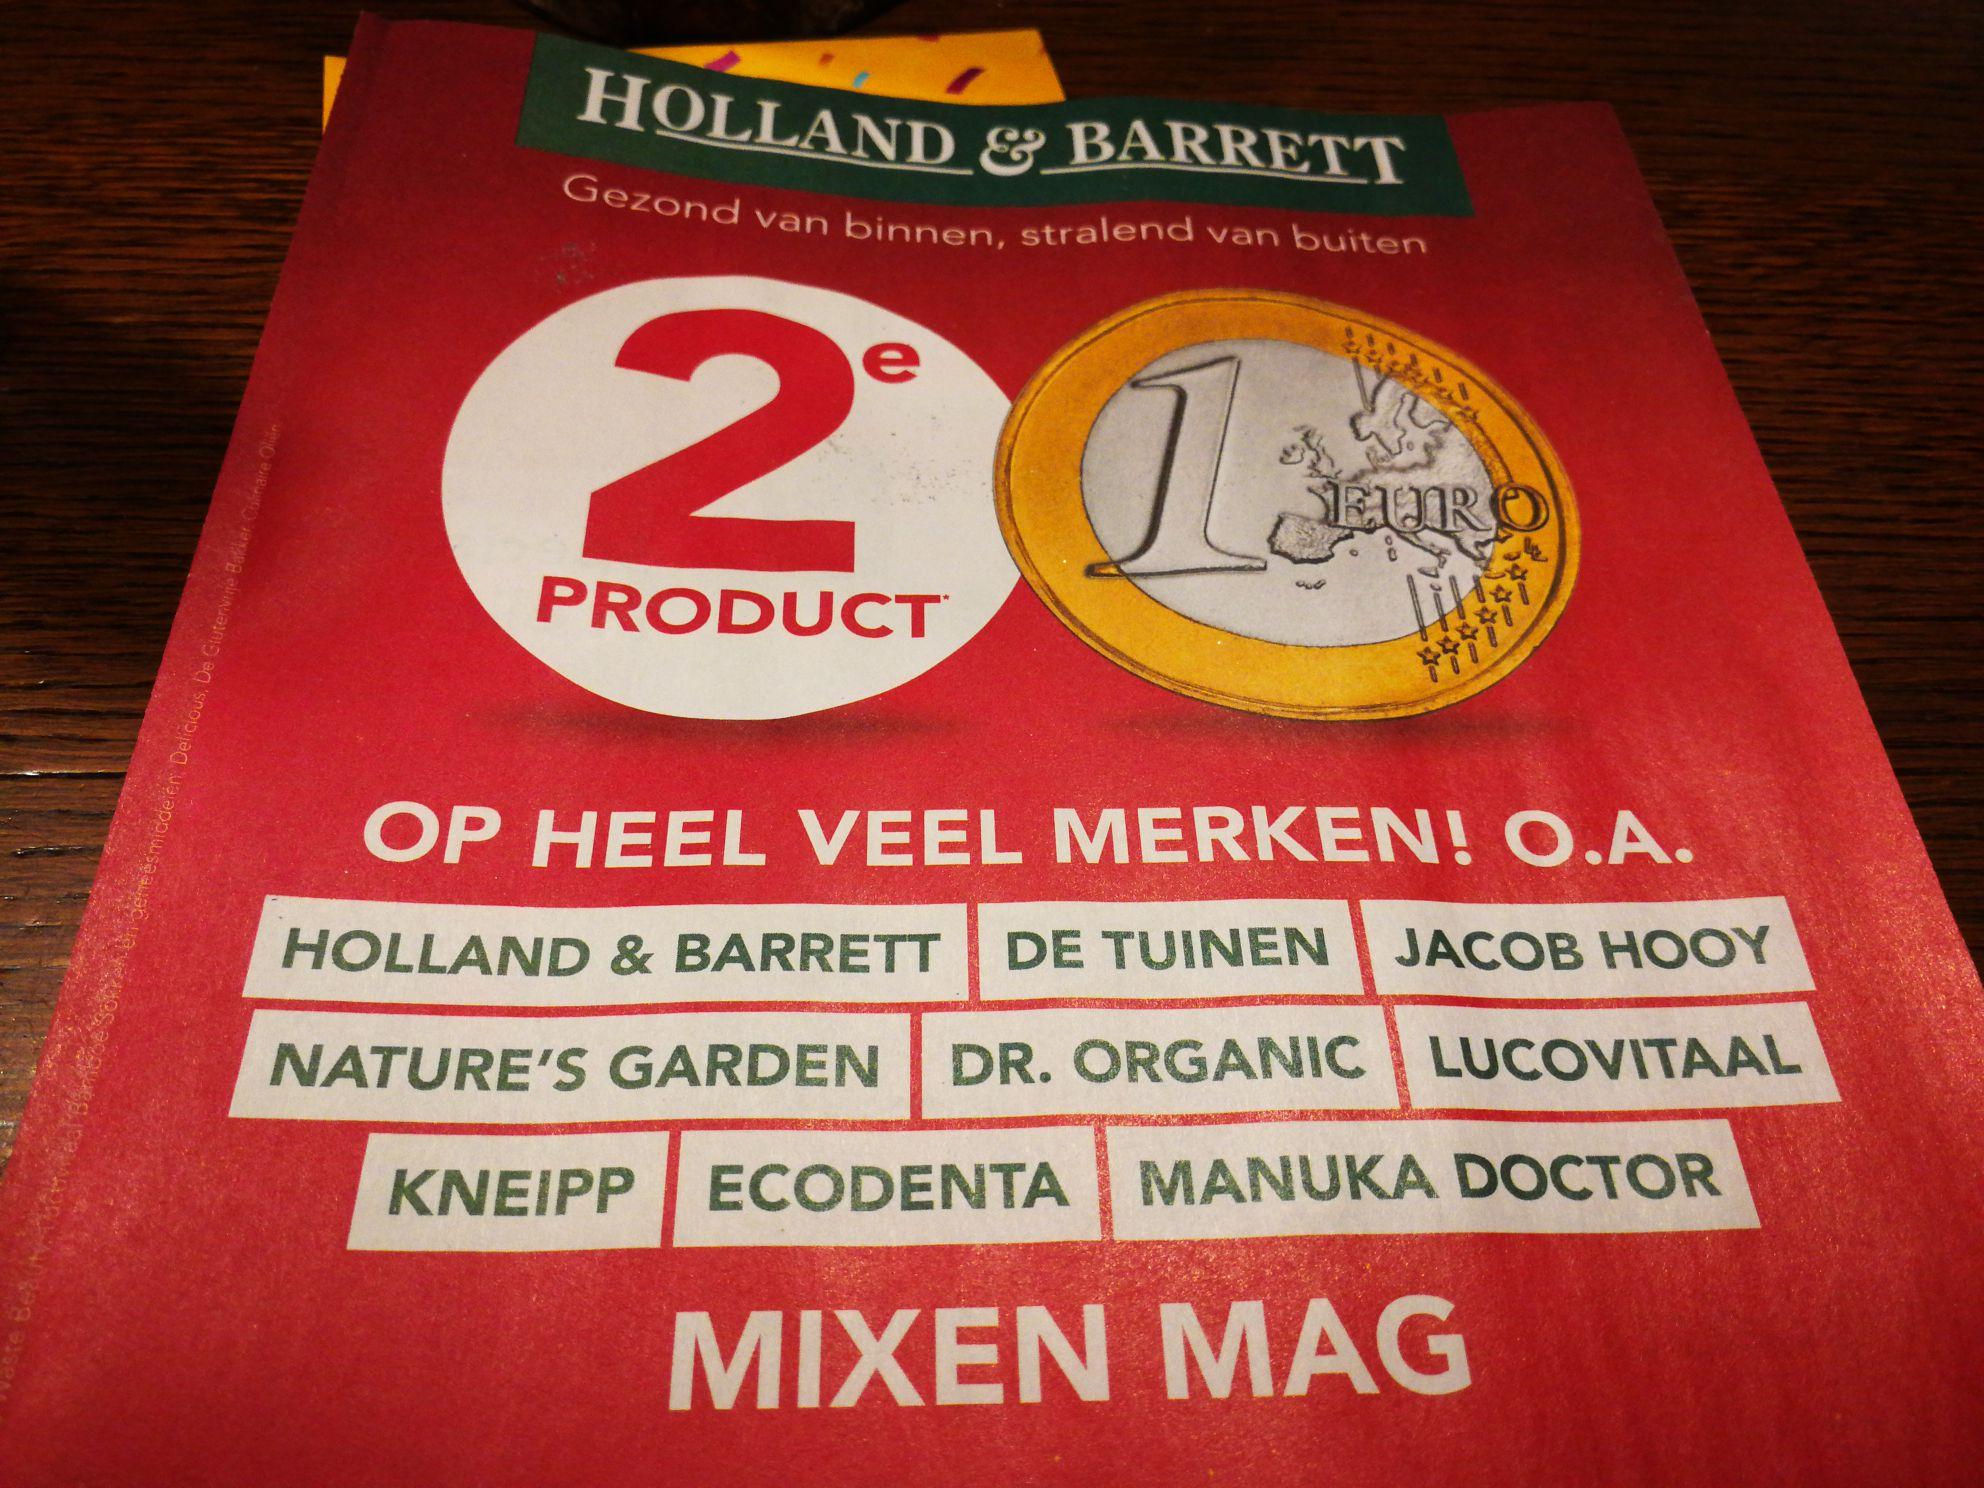 Holland & Barrett 2e product 1 euro.